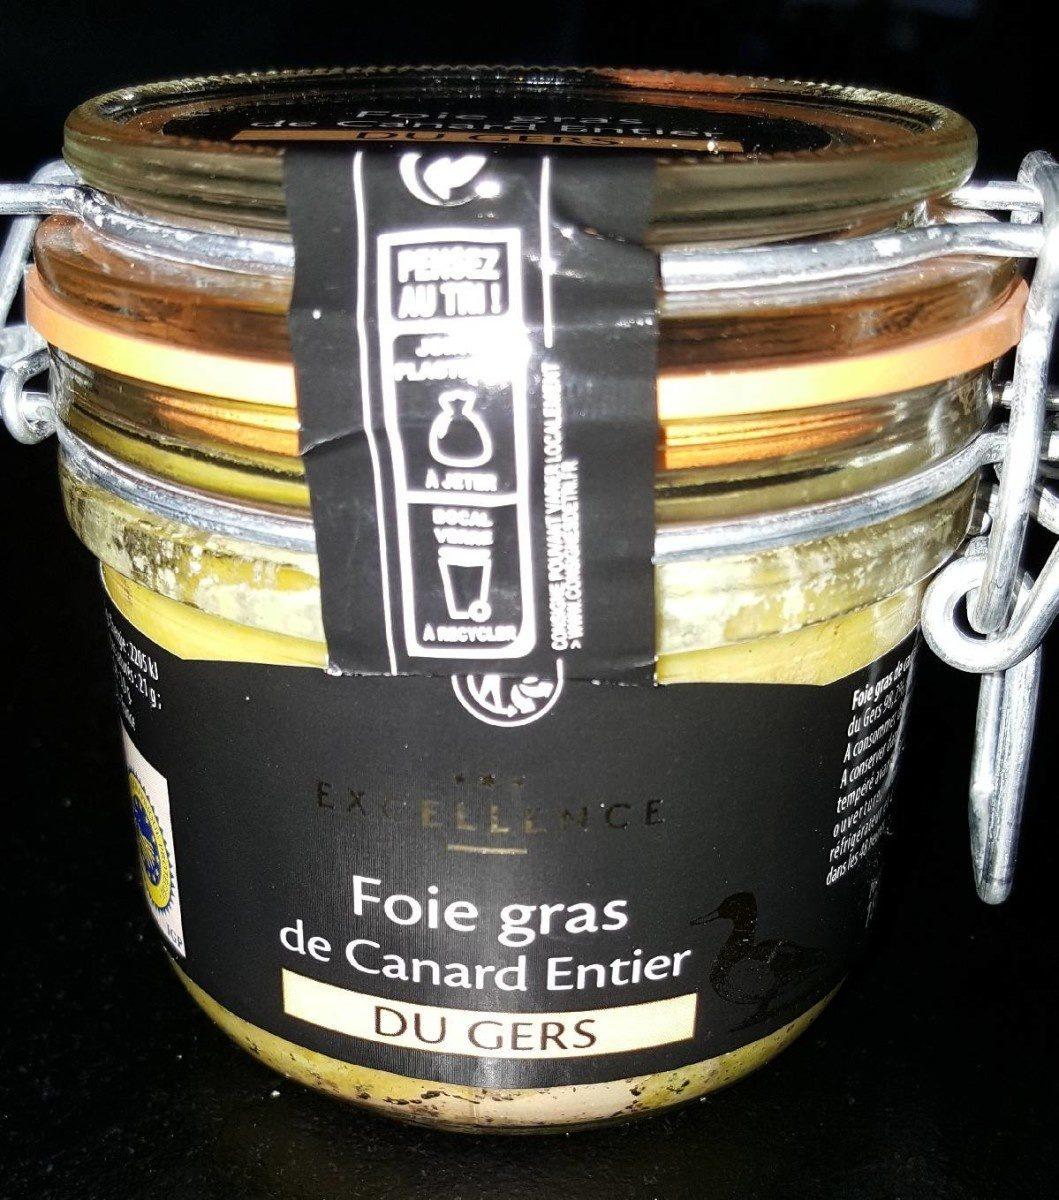 Fois gras de canard entier du gers - Product - fr